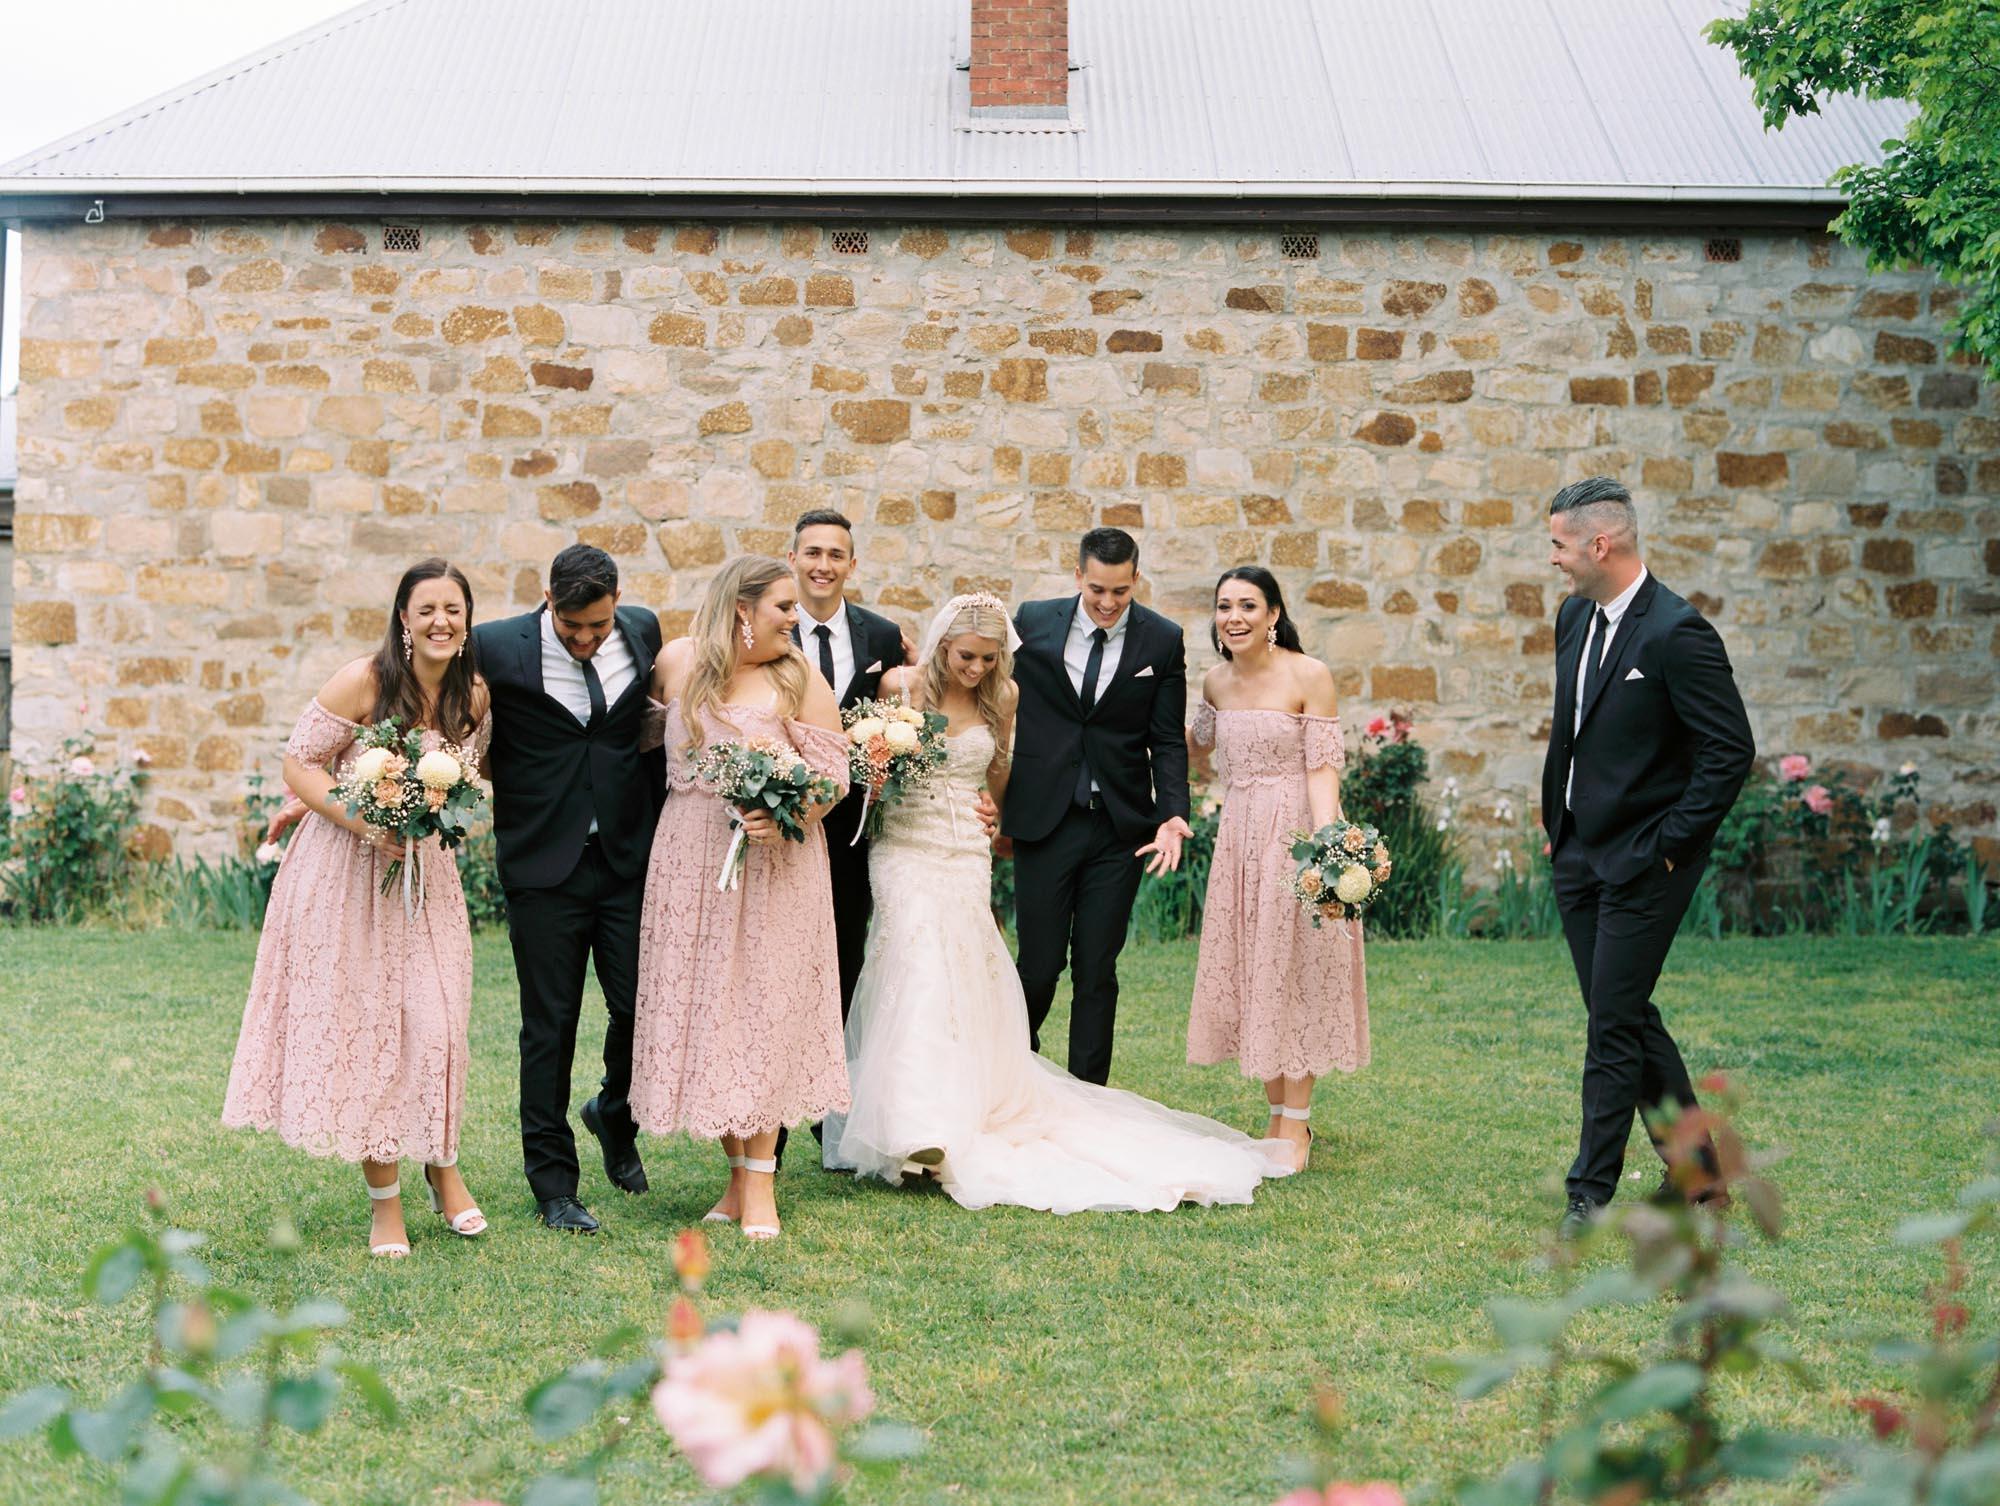 Whitehouse-hahndorf-wedding-photography-079.jpg